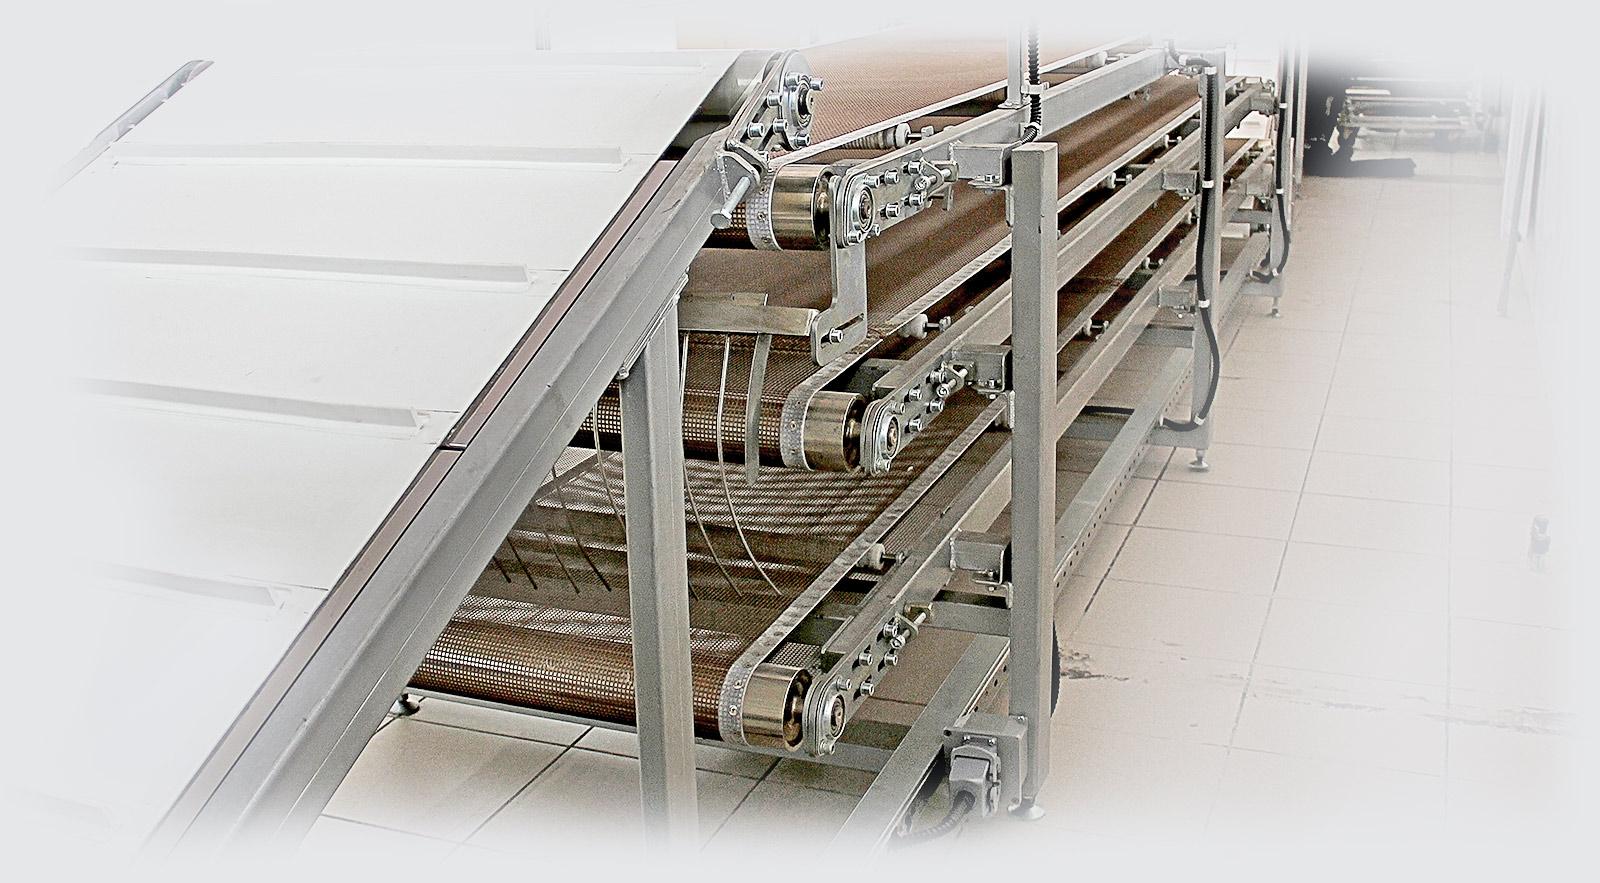 خط أوتوماتيكي لإنتاج خبز التورتيلا  Tortilla production line - foto №21